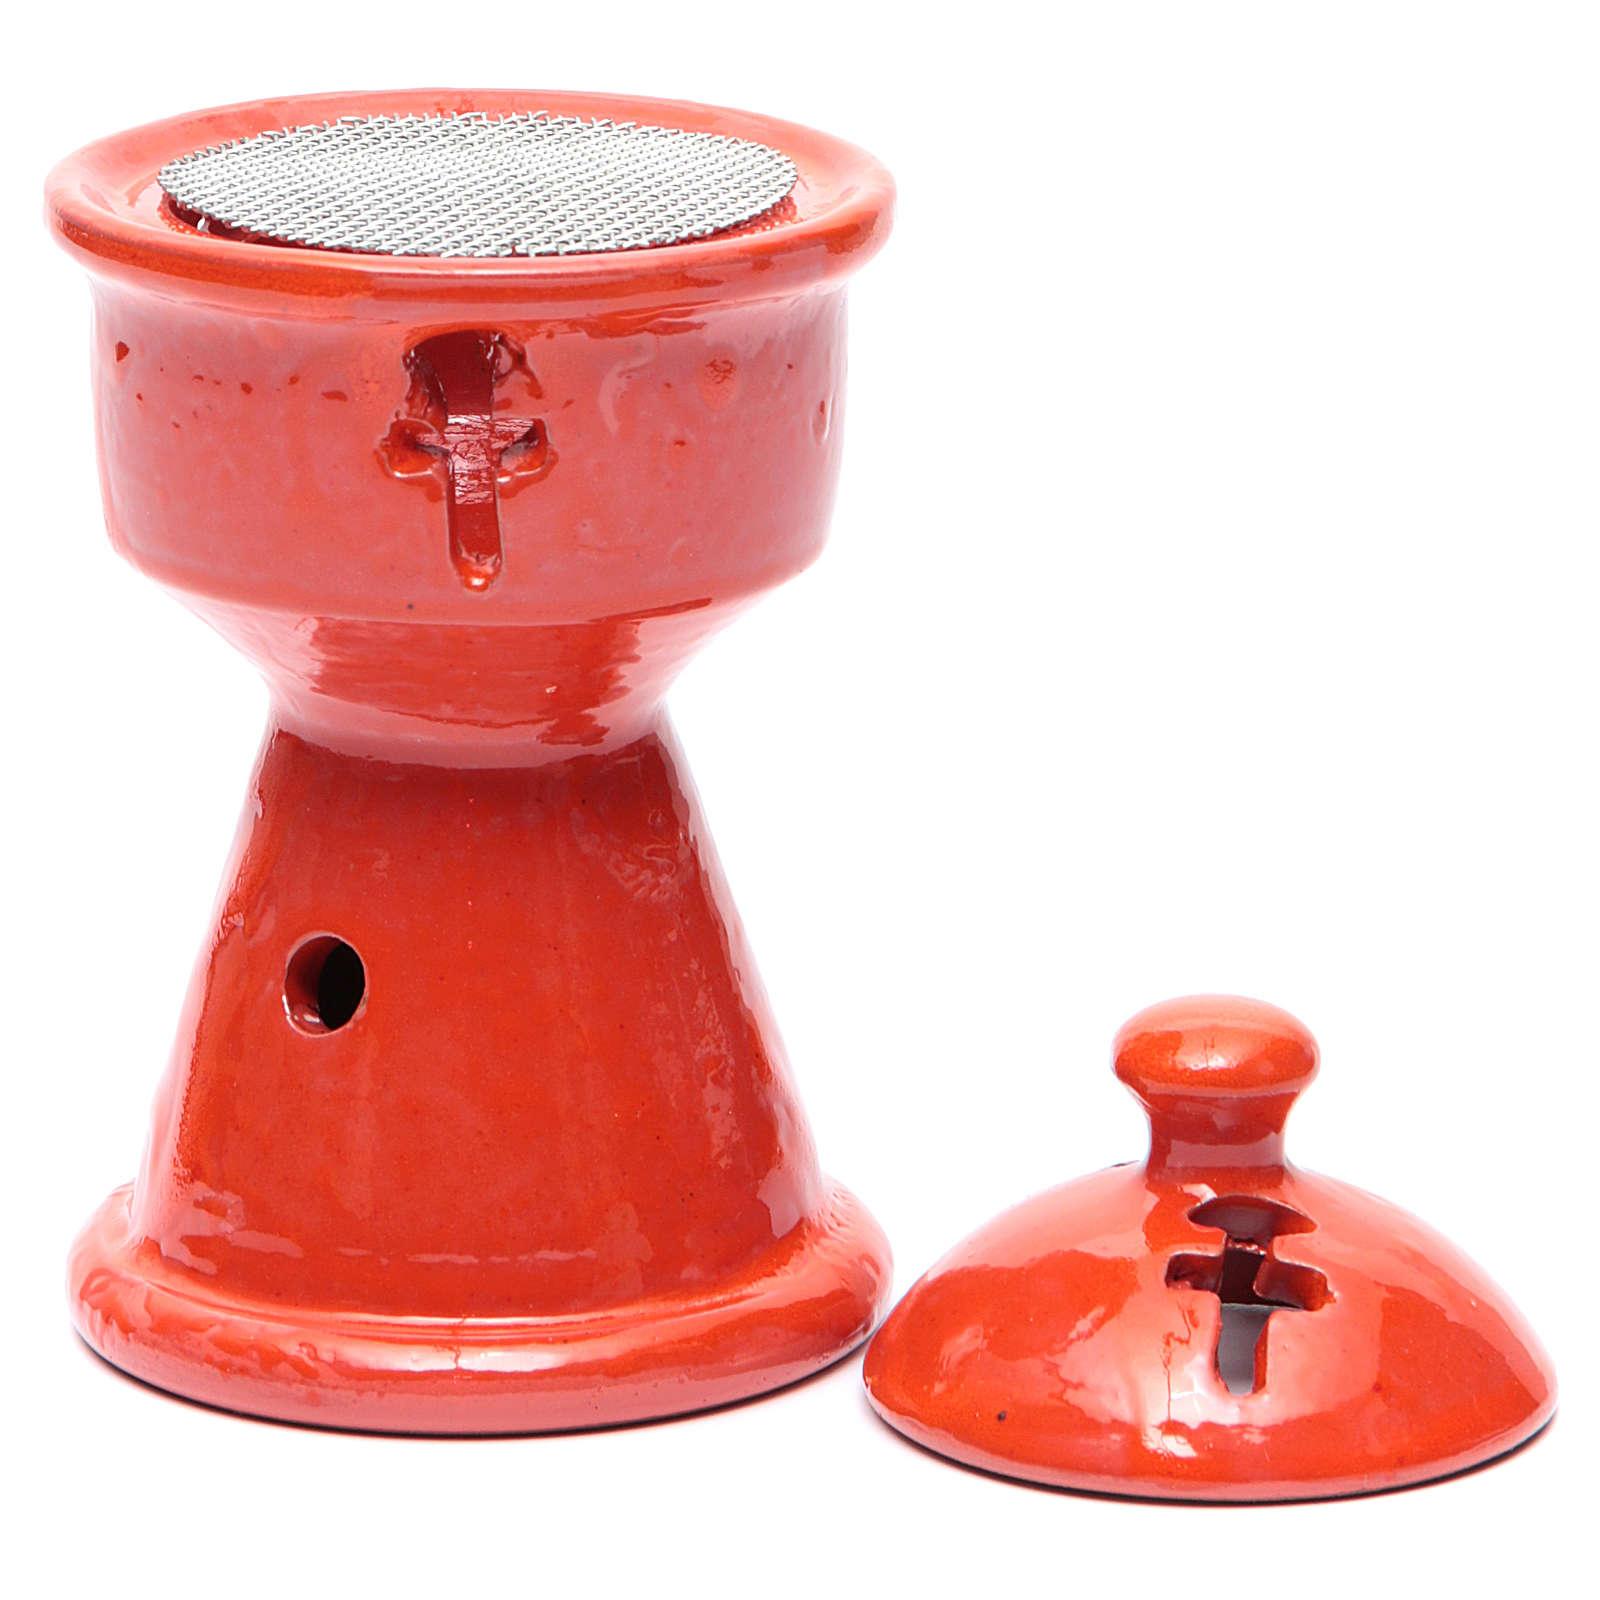 Ethiopian incense burner in orange ceramic 3